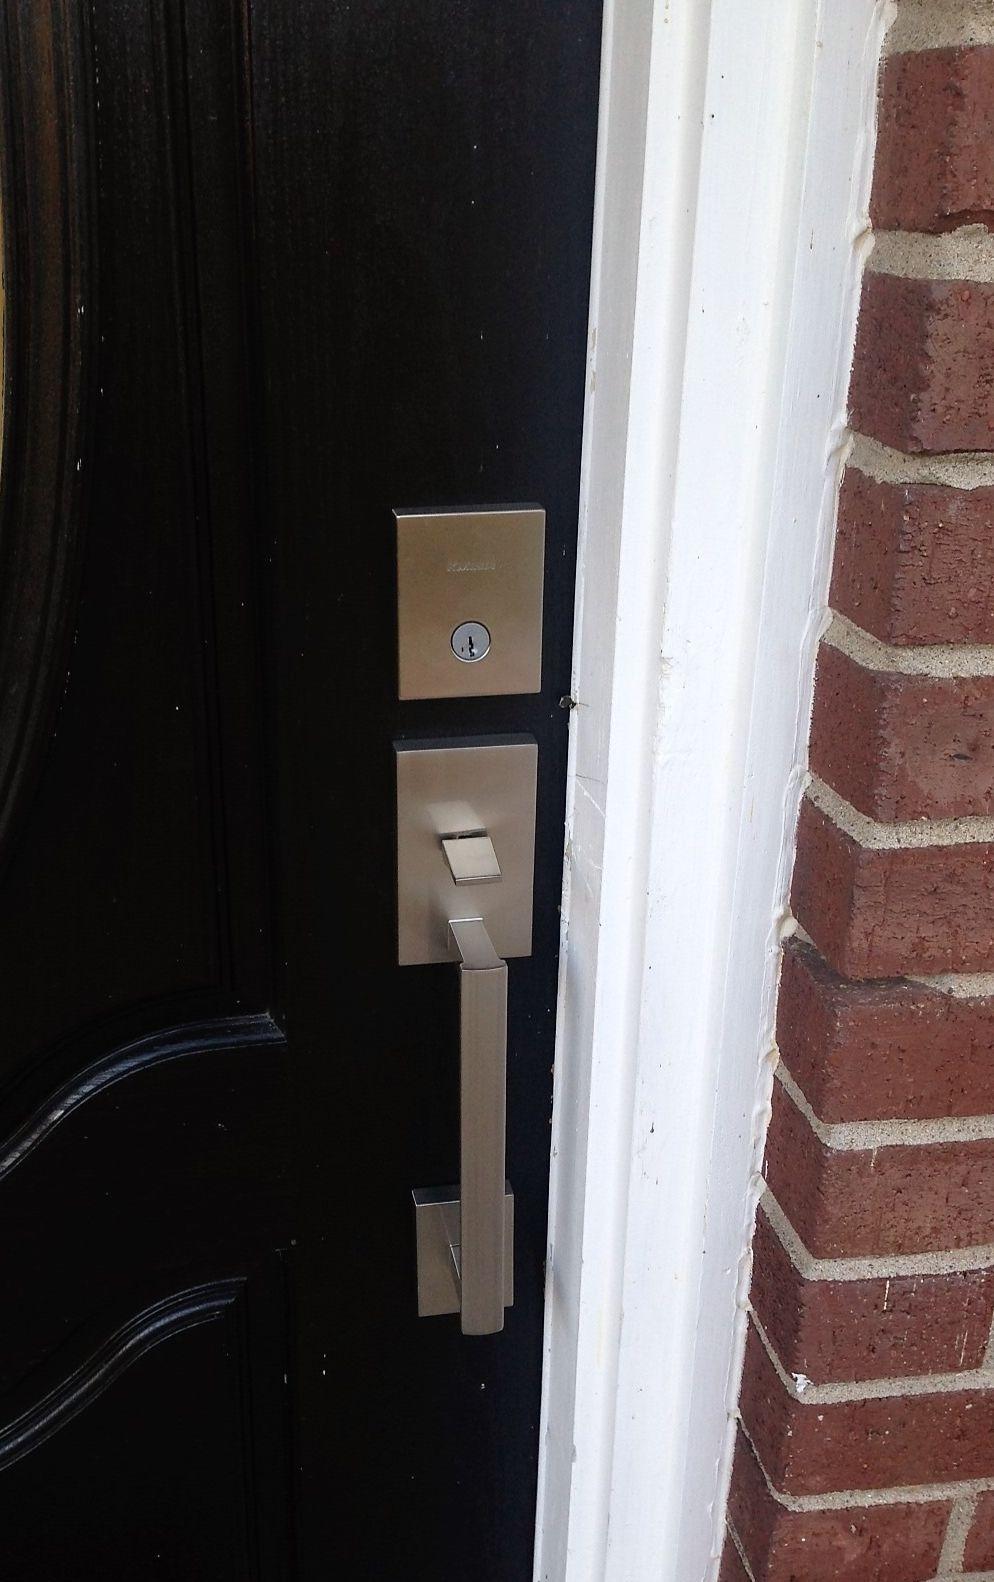 exterior door handle